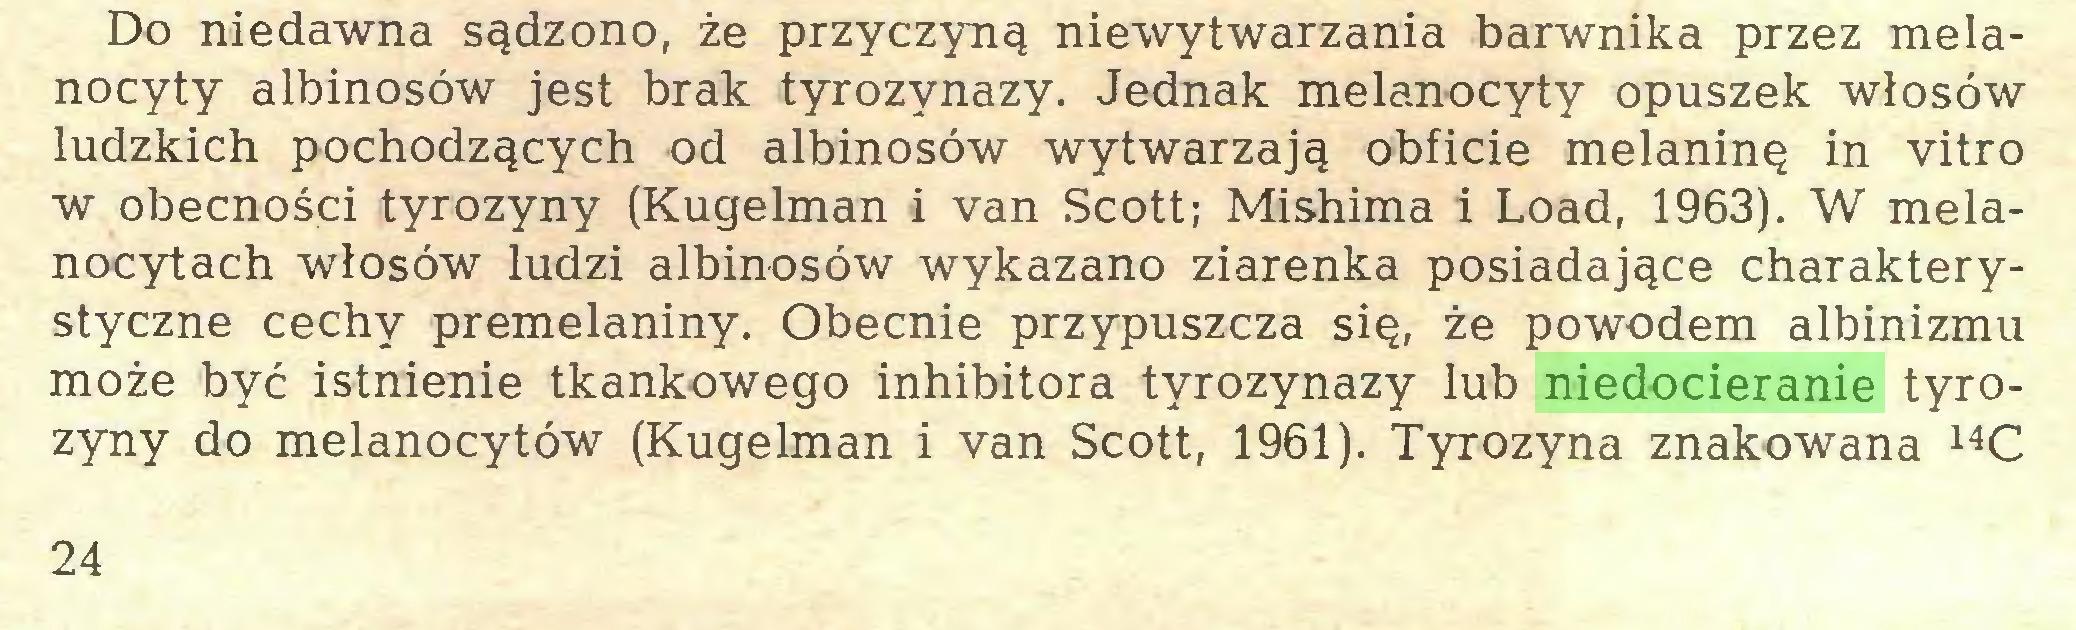 (...) Do niedawna sądzono, że przyczyną niewytwarzania barwnika przez melanocyty albinosów jest brak tyrozynazy. Jednak melanocyty opuszek włosów ludzkich pochodzących od albinosów wytwarzają obficie melaninę in vitro w obecności tyrozyny (Kugelman i van Scott; Mishima i Load, 1963). W melanocytach włosów ludzi albinosów wykazano ziarenka posiadające charakterystyczne cechy premelaniny. Obecnie przypuszcza się, że powodem albinizmu może być istnienie tkankowego inhibitora tyrozynazy lub niedocieranie tyrozyny do melanocytów (Kugelman i van Scott, 1961). Tyrozyna znakowana 14C 24...